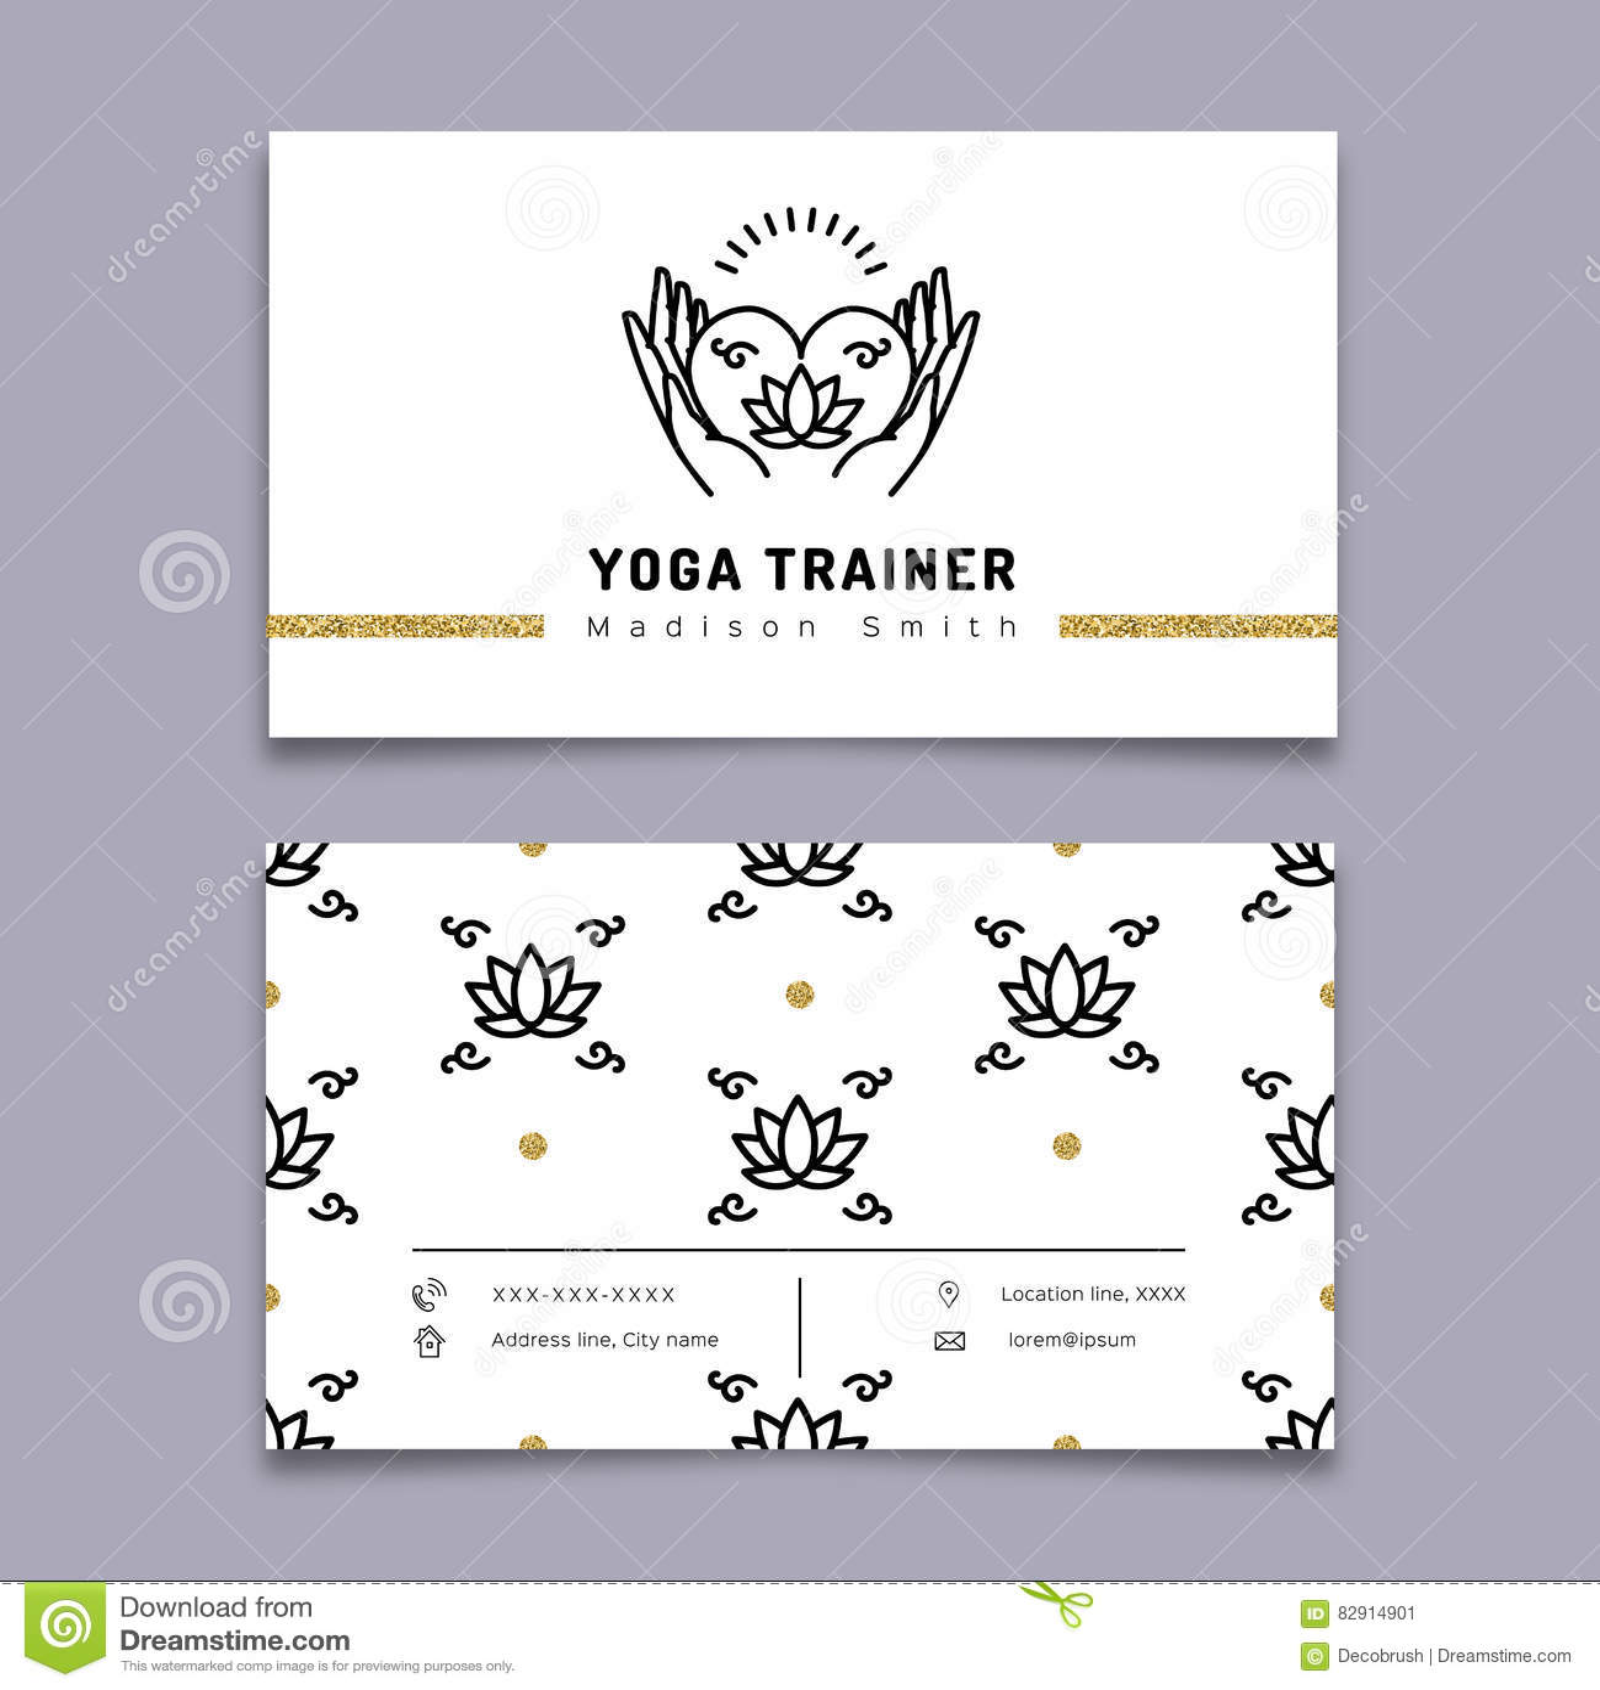 Calibre De Carte Visite Professionnelle Dentraineur Yoga Vecteur Icone Et Mince Pictogramme Schema Meditation